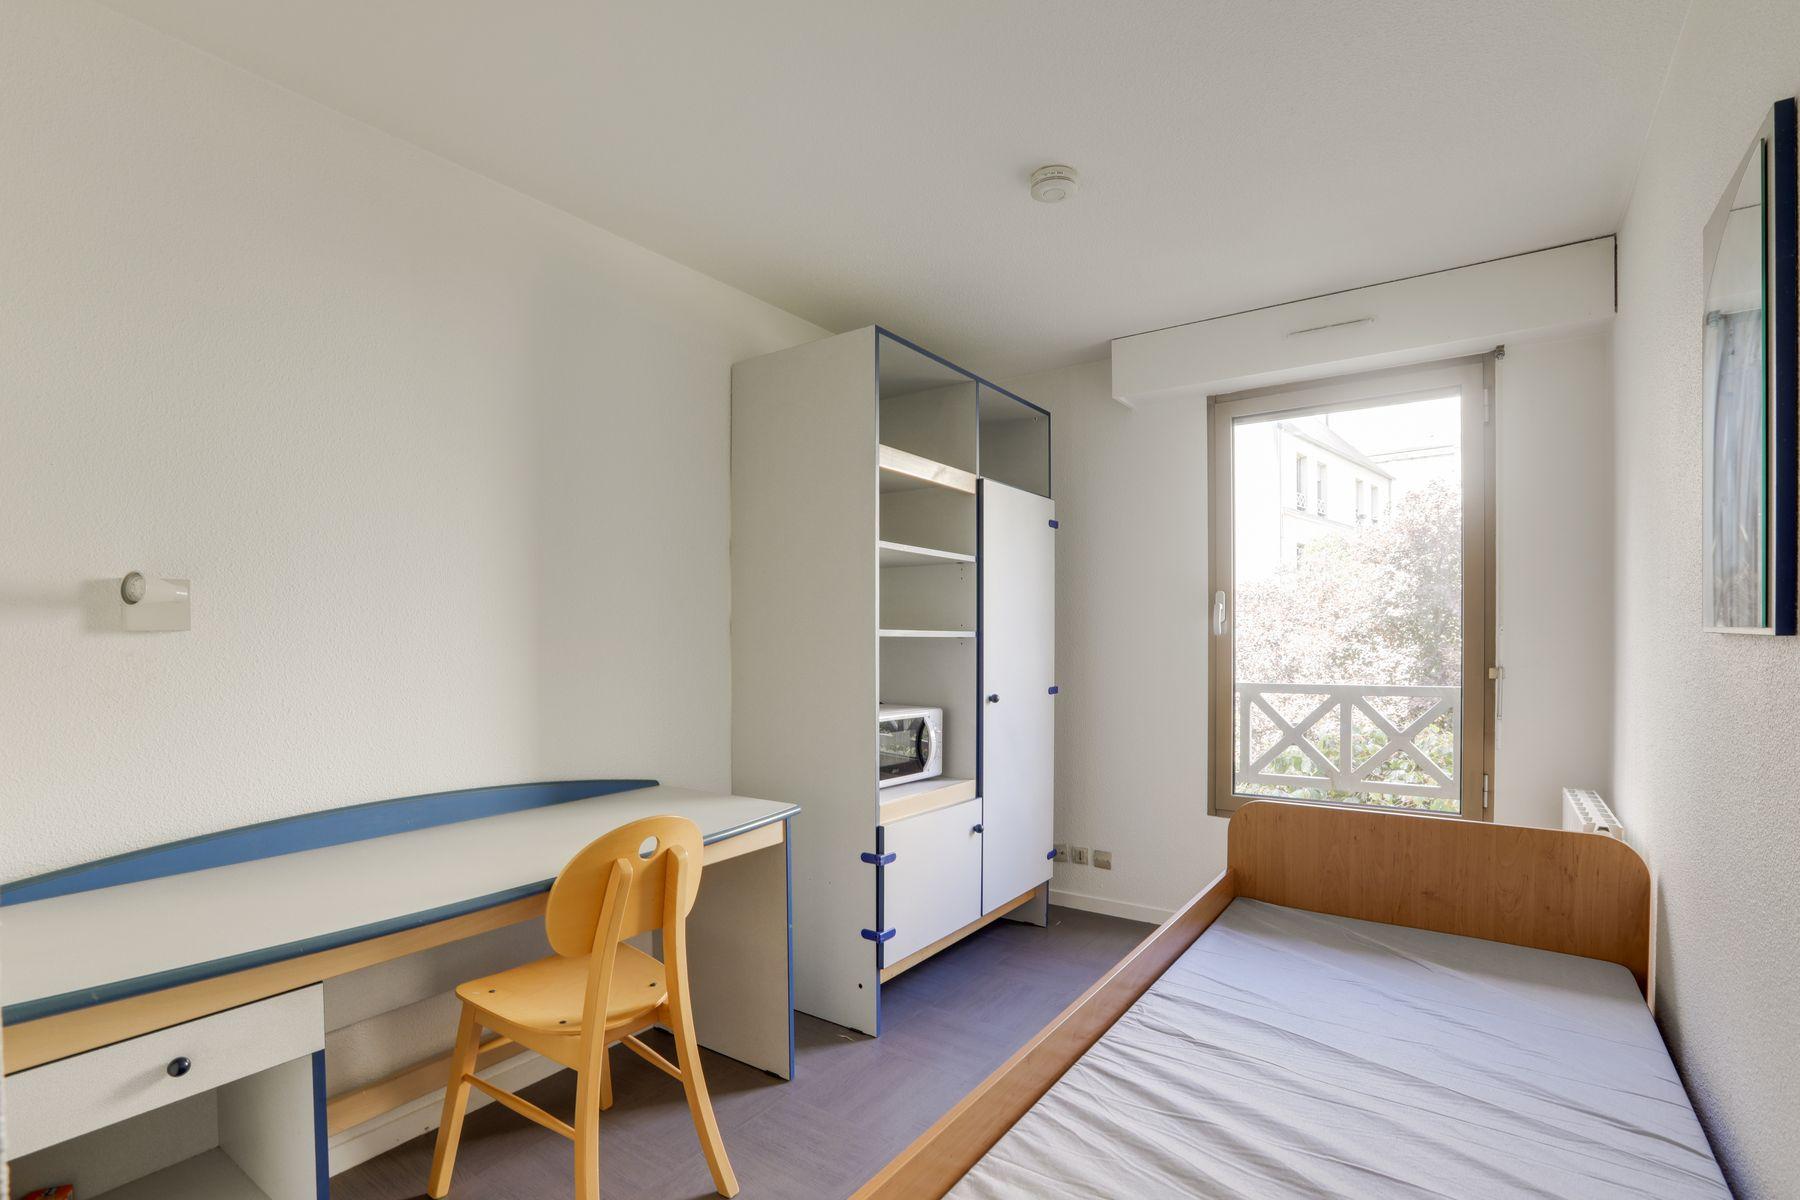 LOGIFAC résidence étudiante Corneille Rouen lit bureau rangements